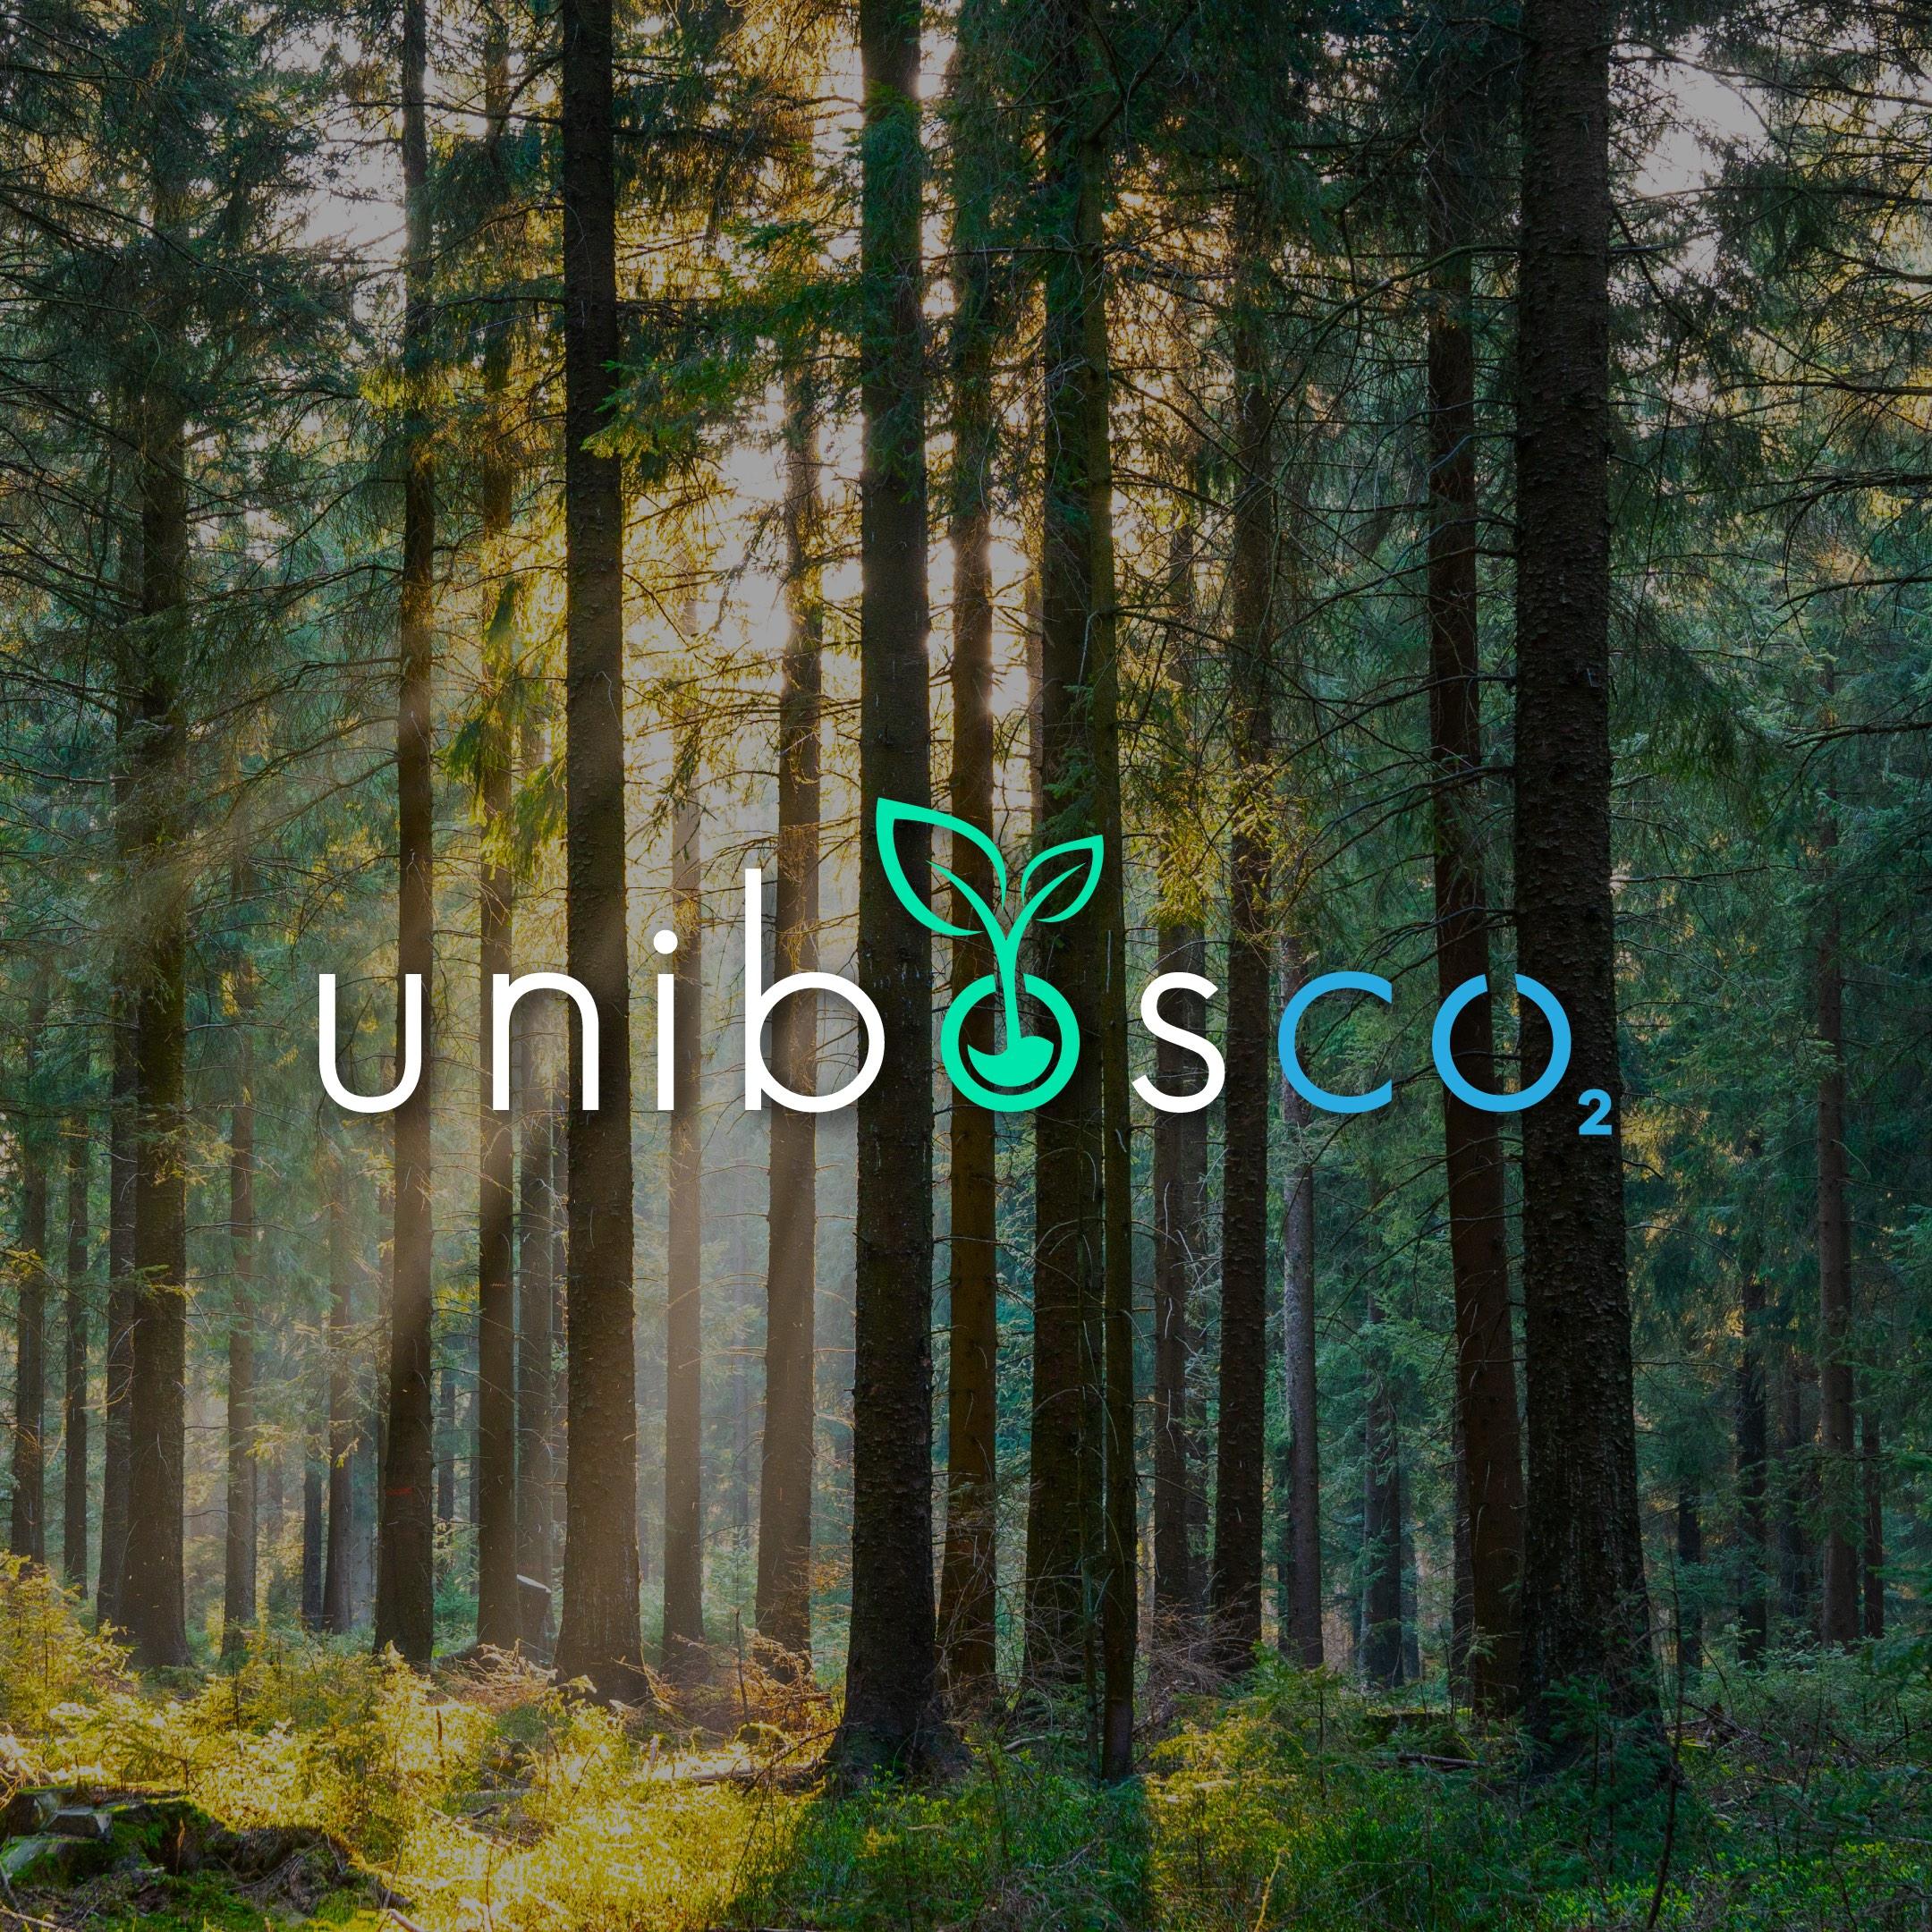 UNIBoSco